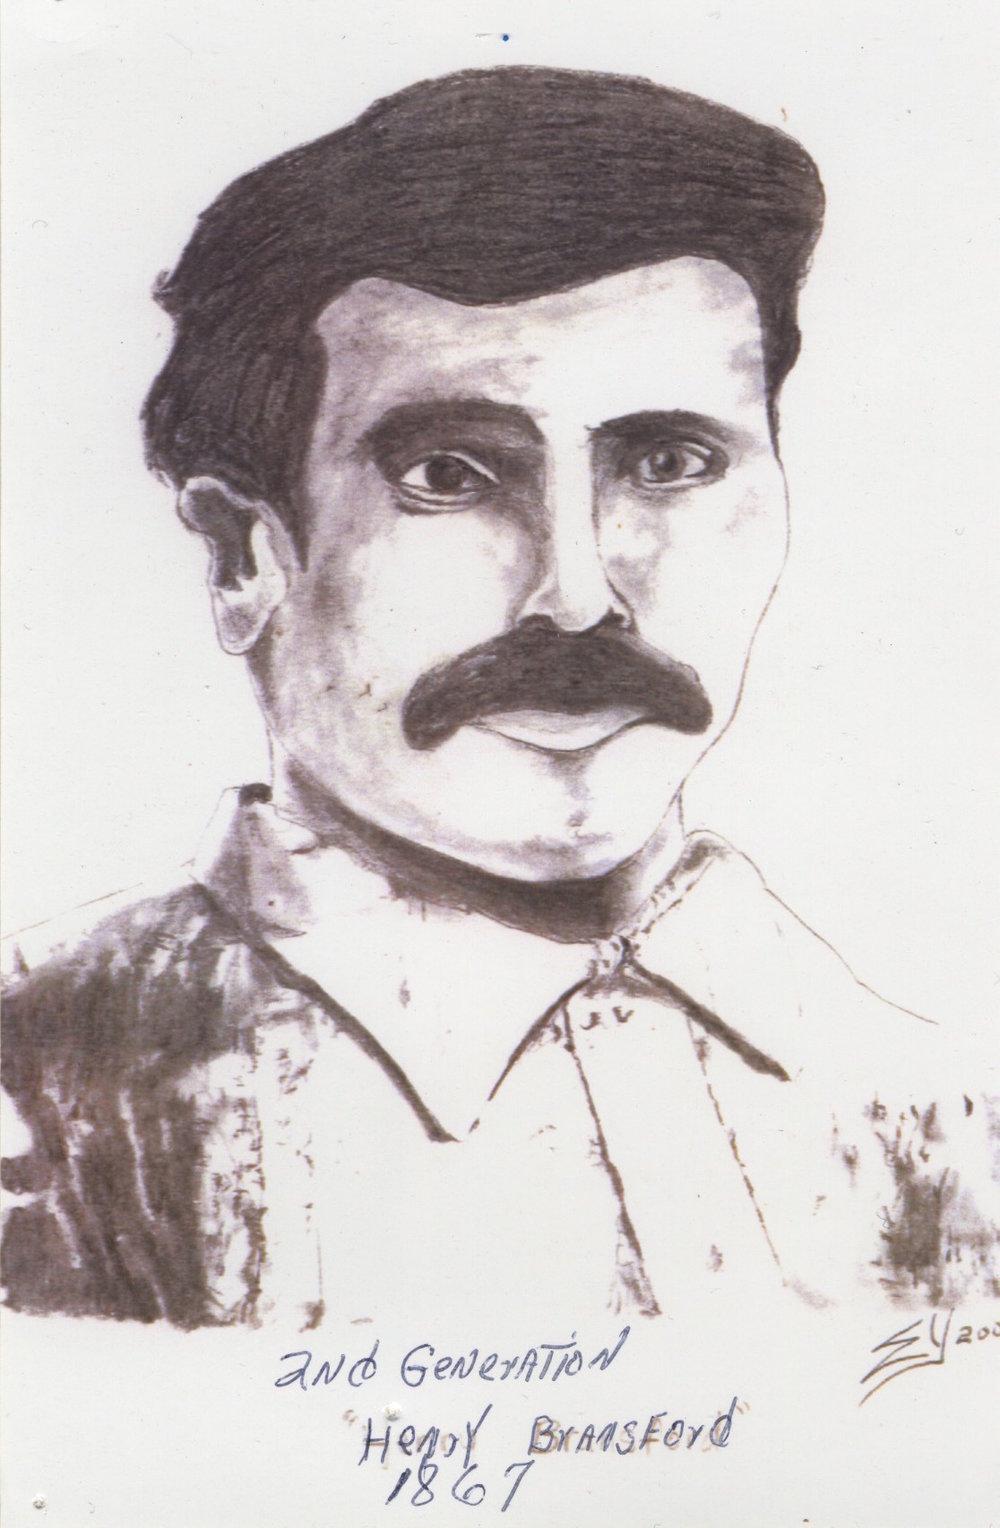 Henry Bransford, circa 1867